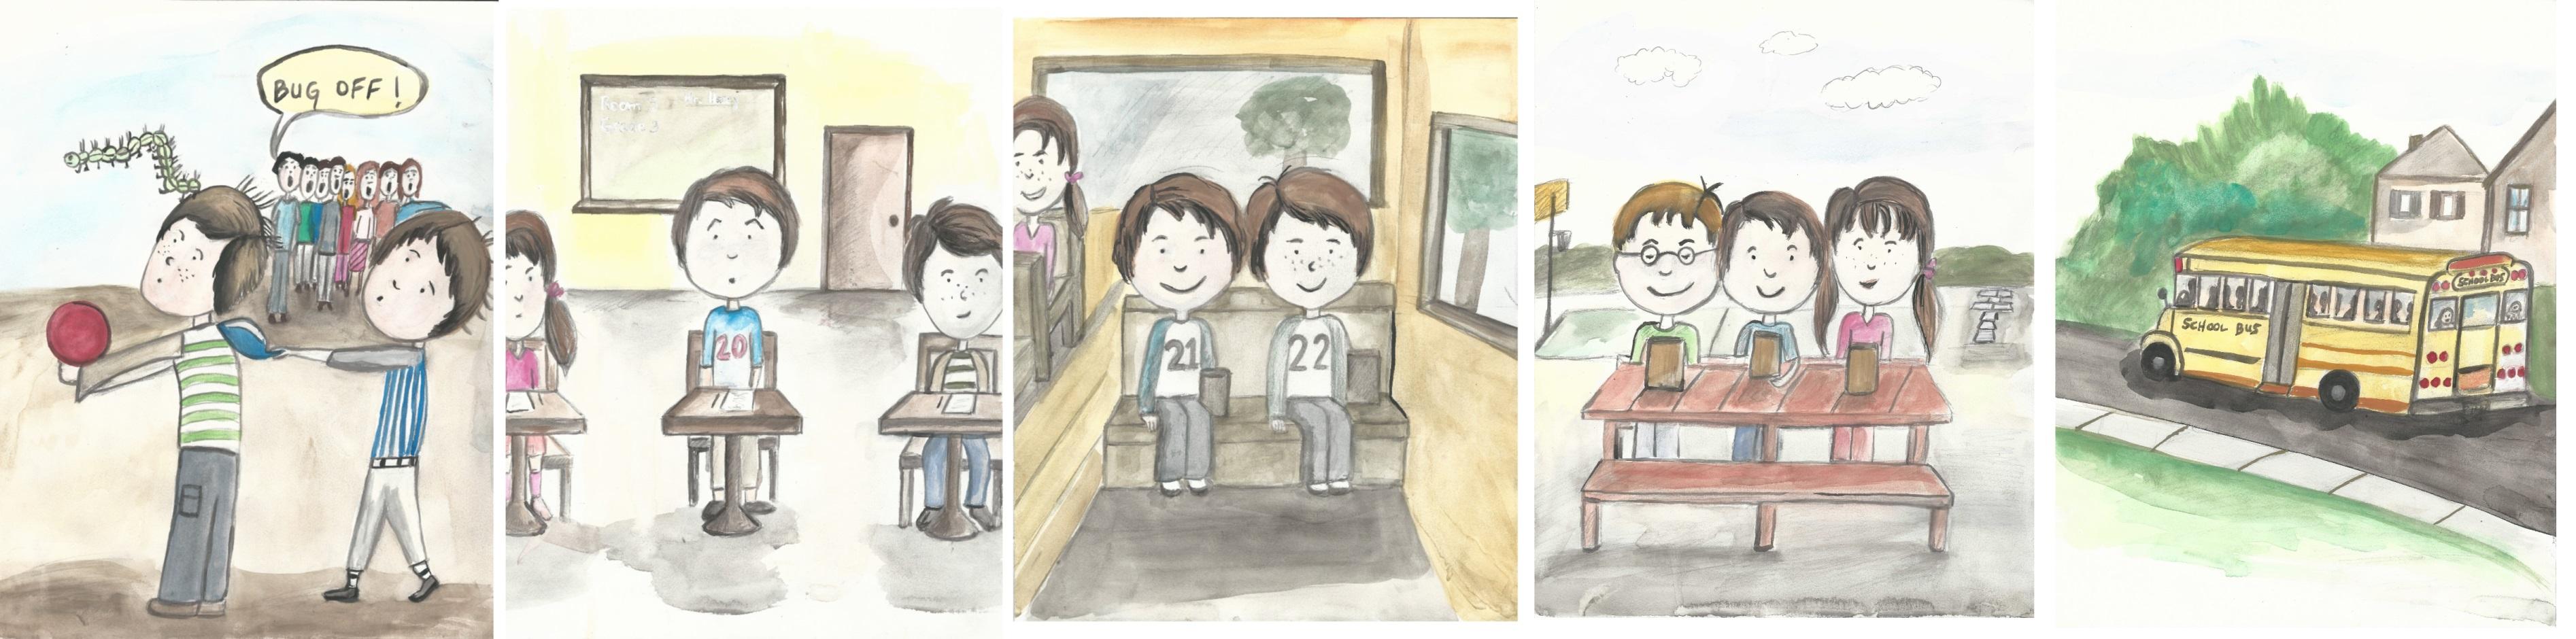 illustrationsbully